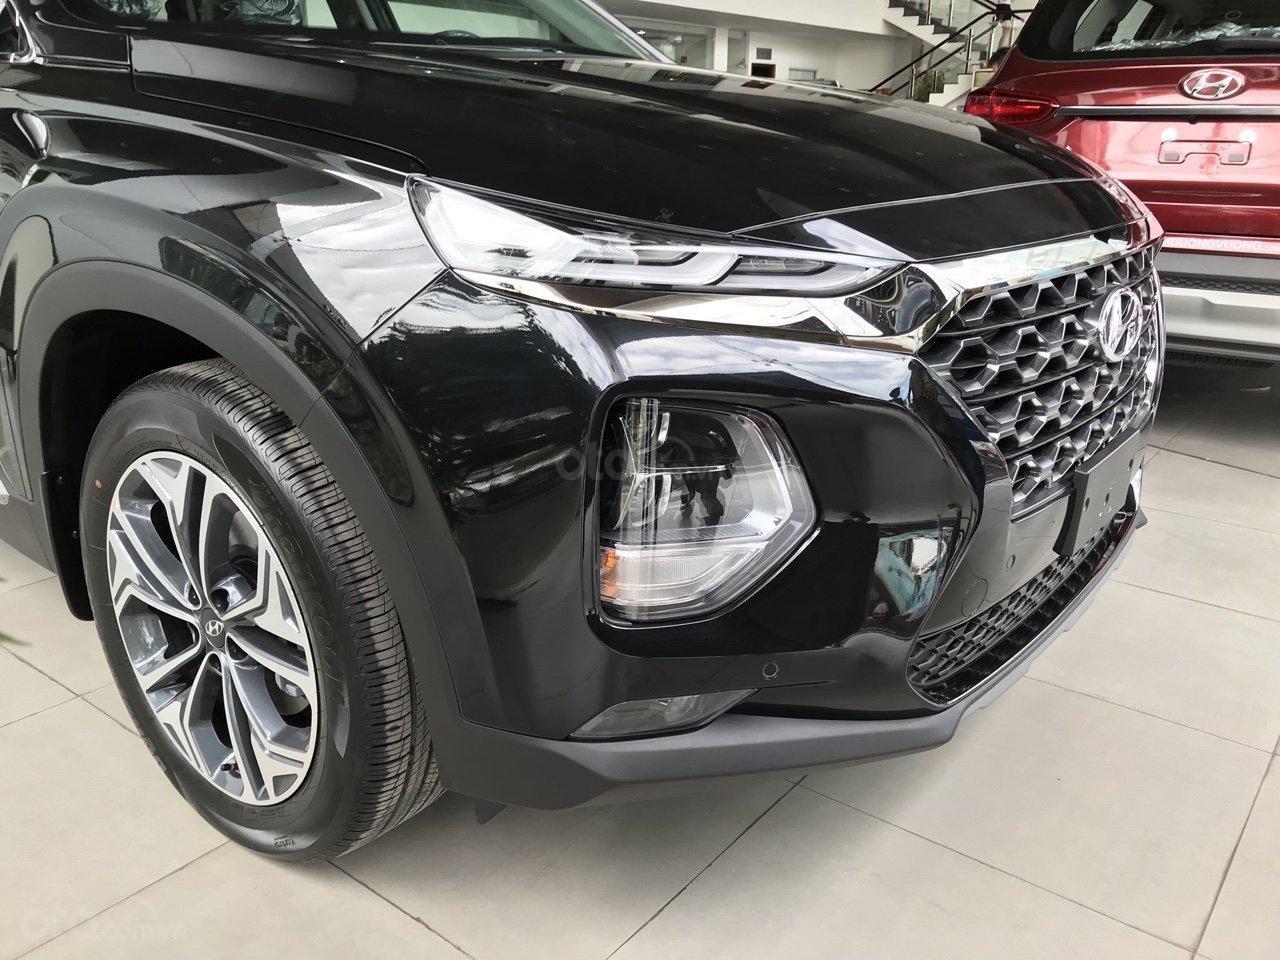 Xả kho Hyundai Santa Fe dầu đặc biệt màu đen + hỗ trợ trả trước 370tr tậu xe (2)